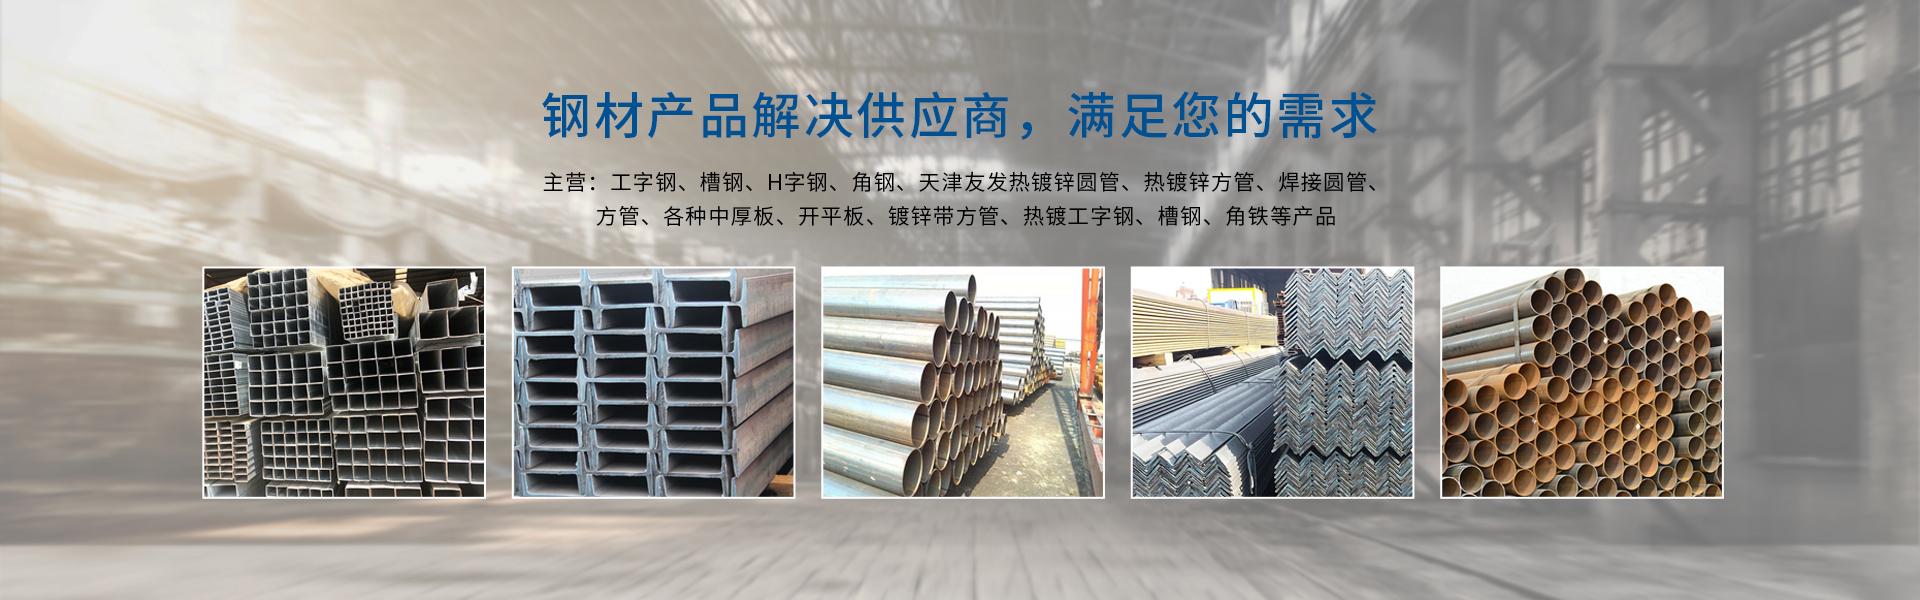 临沂镀锌方管,临沂开平板,山东工字钢厂家,山东镀锌加工厂